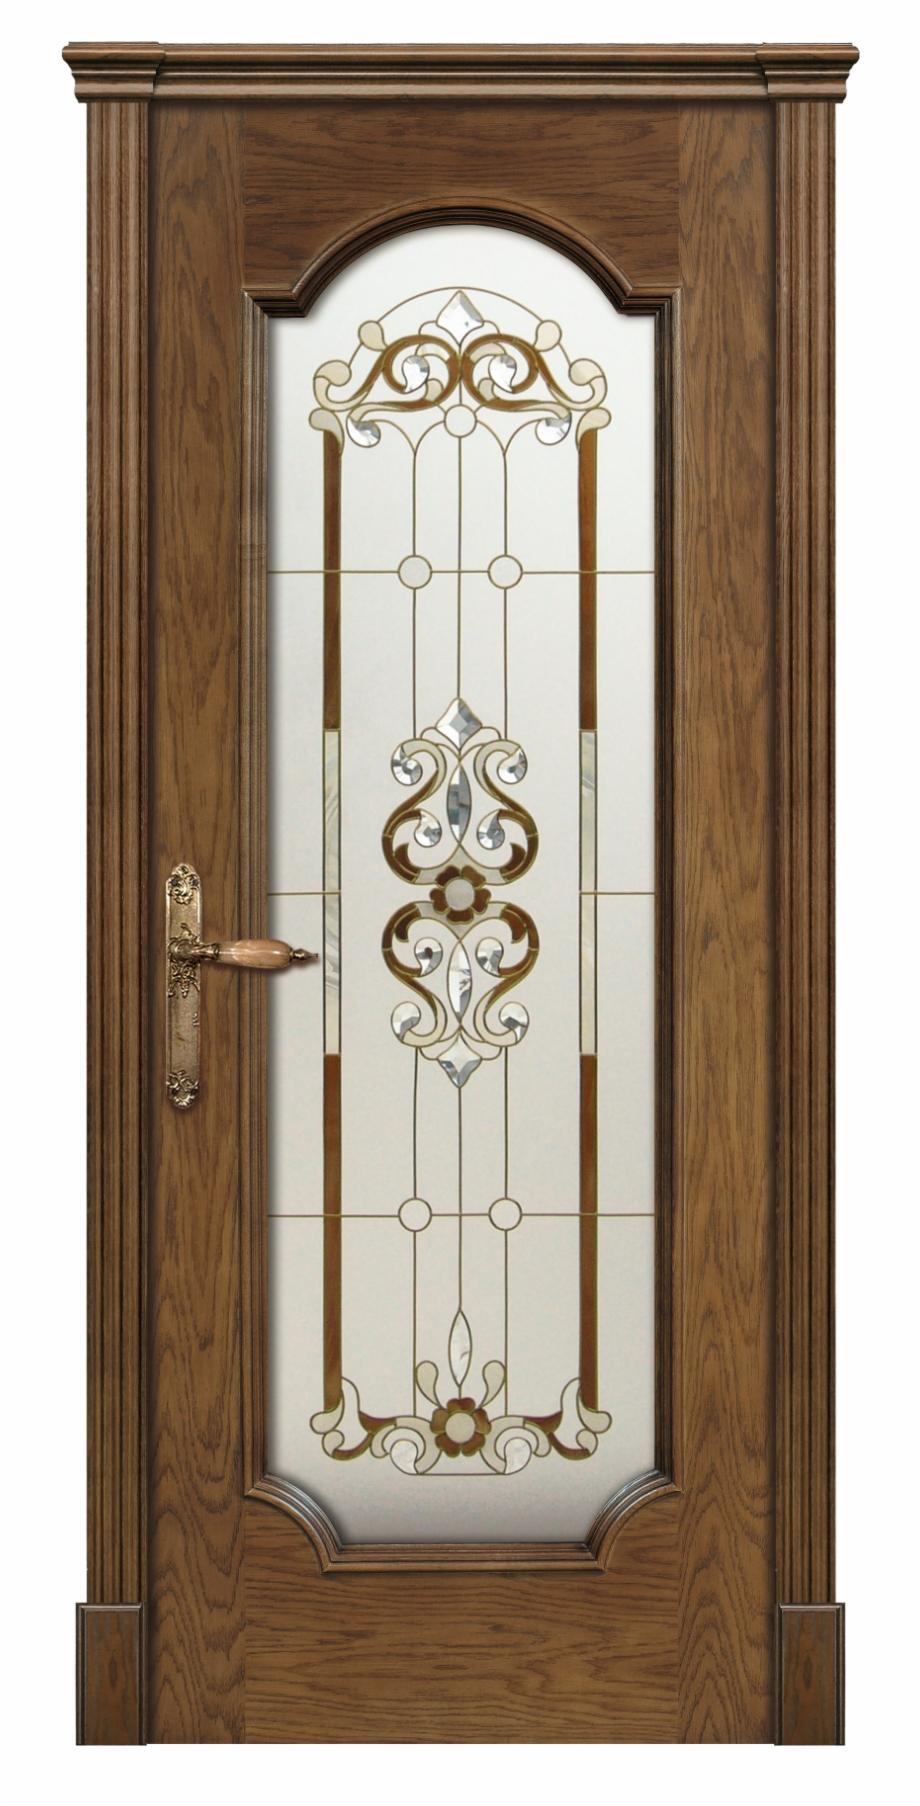 Glass Design, Door Gate Design, Door Texture, Stained.